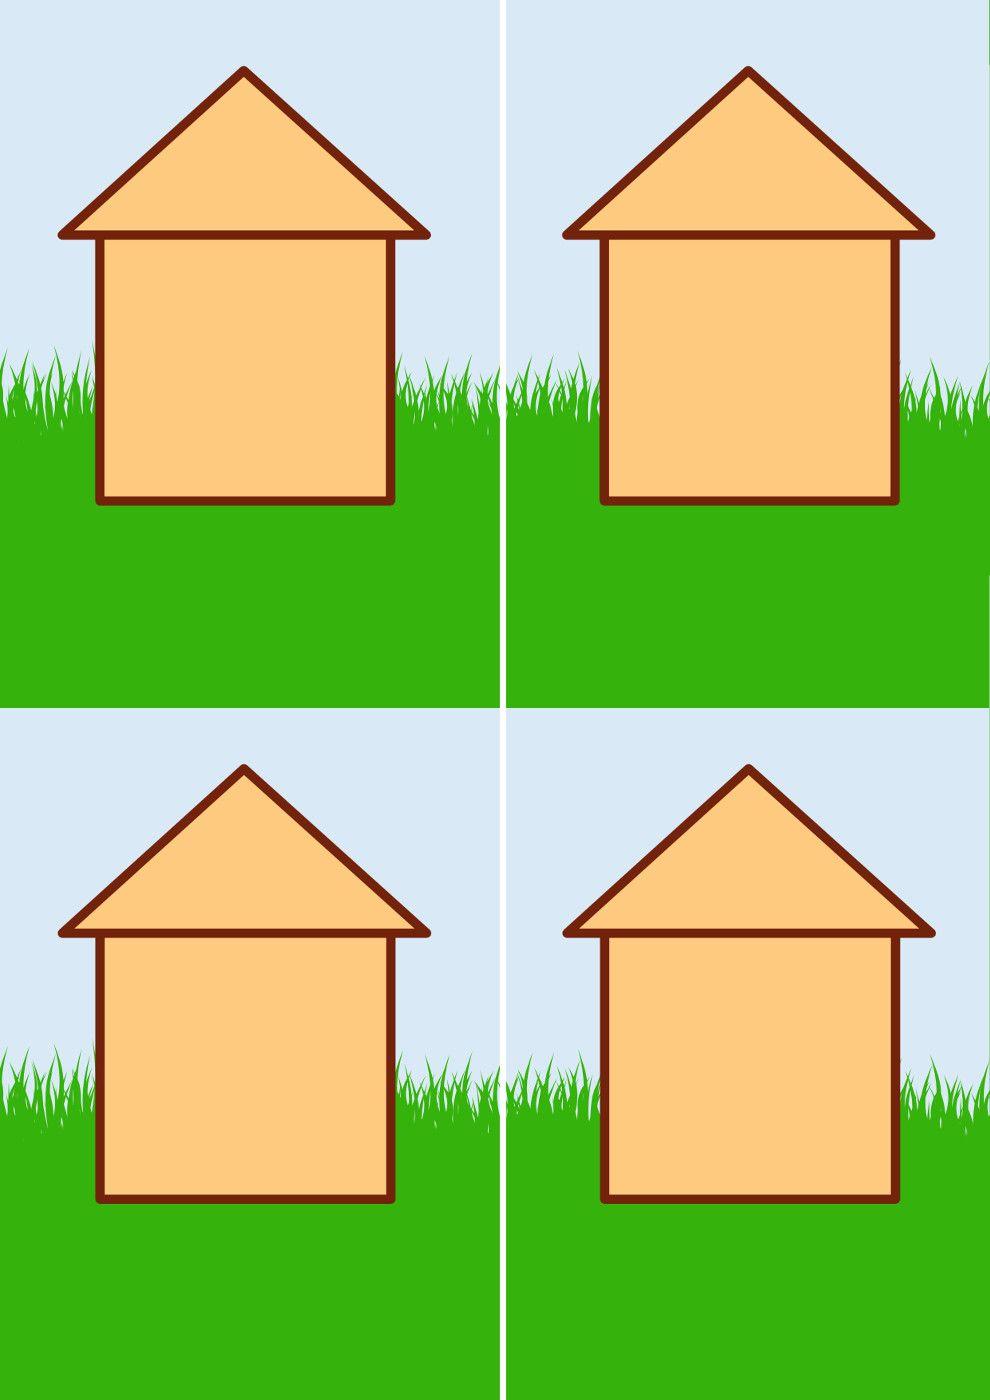 Аппликация «Пёсик в домике сидит» | Картинки ...